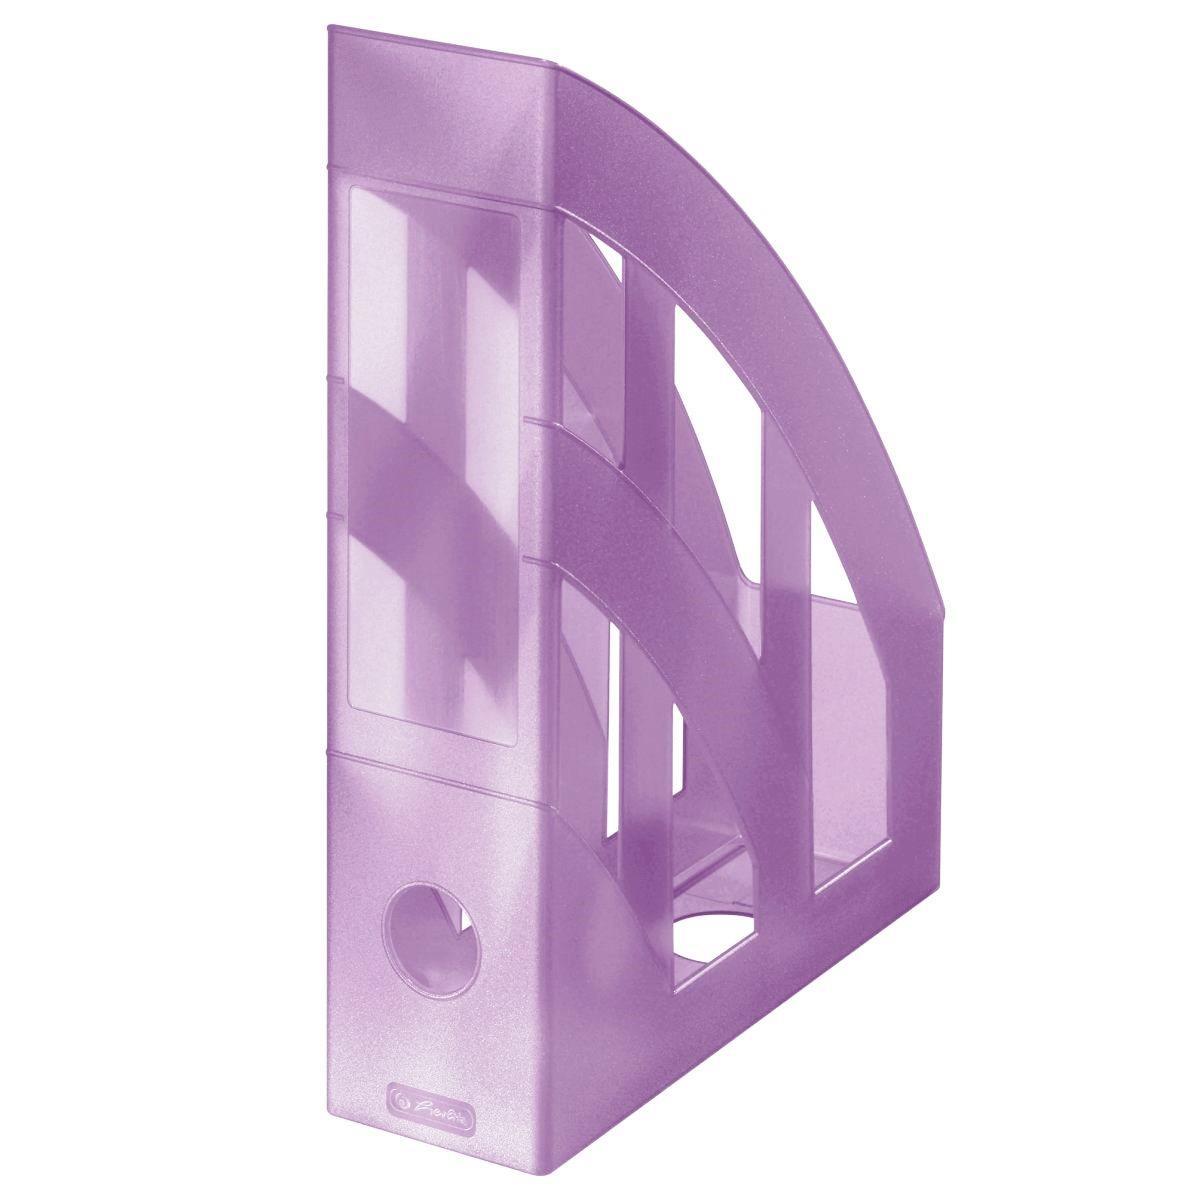 Лоток для бумаг вертикальный Herlitz 7.5см Pastel Lilac прозрачный сиреневый